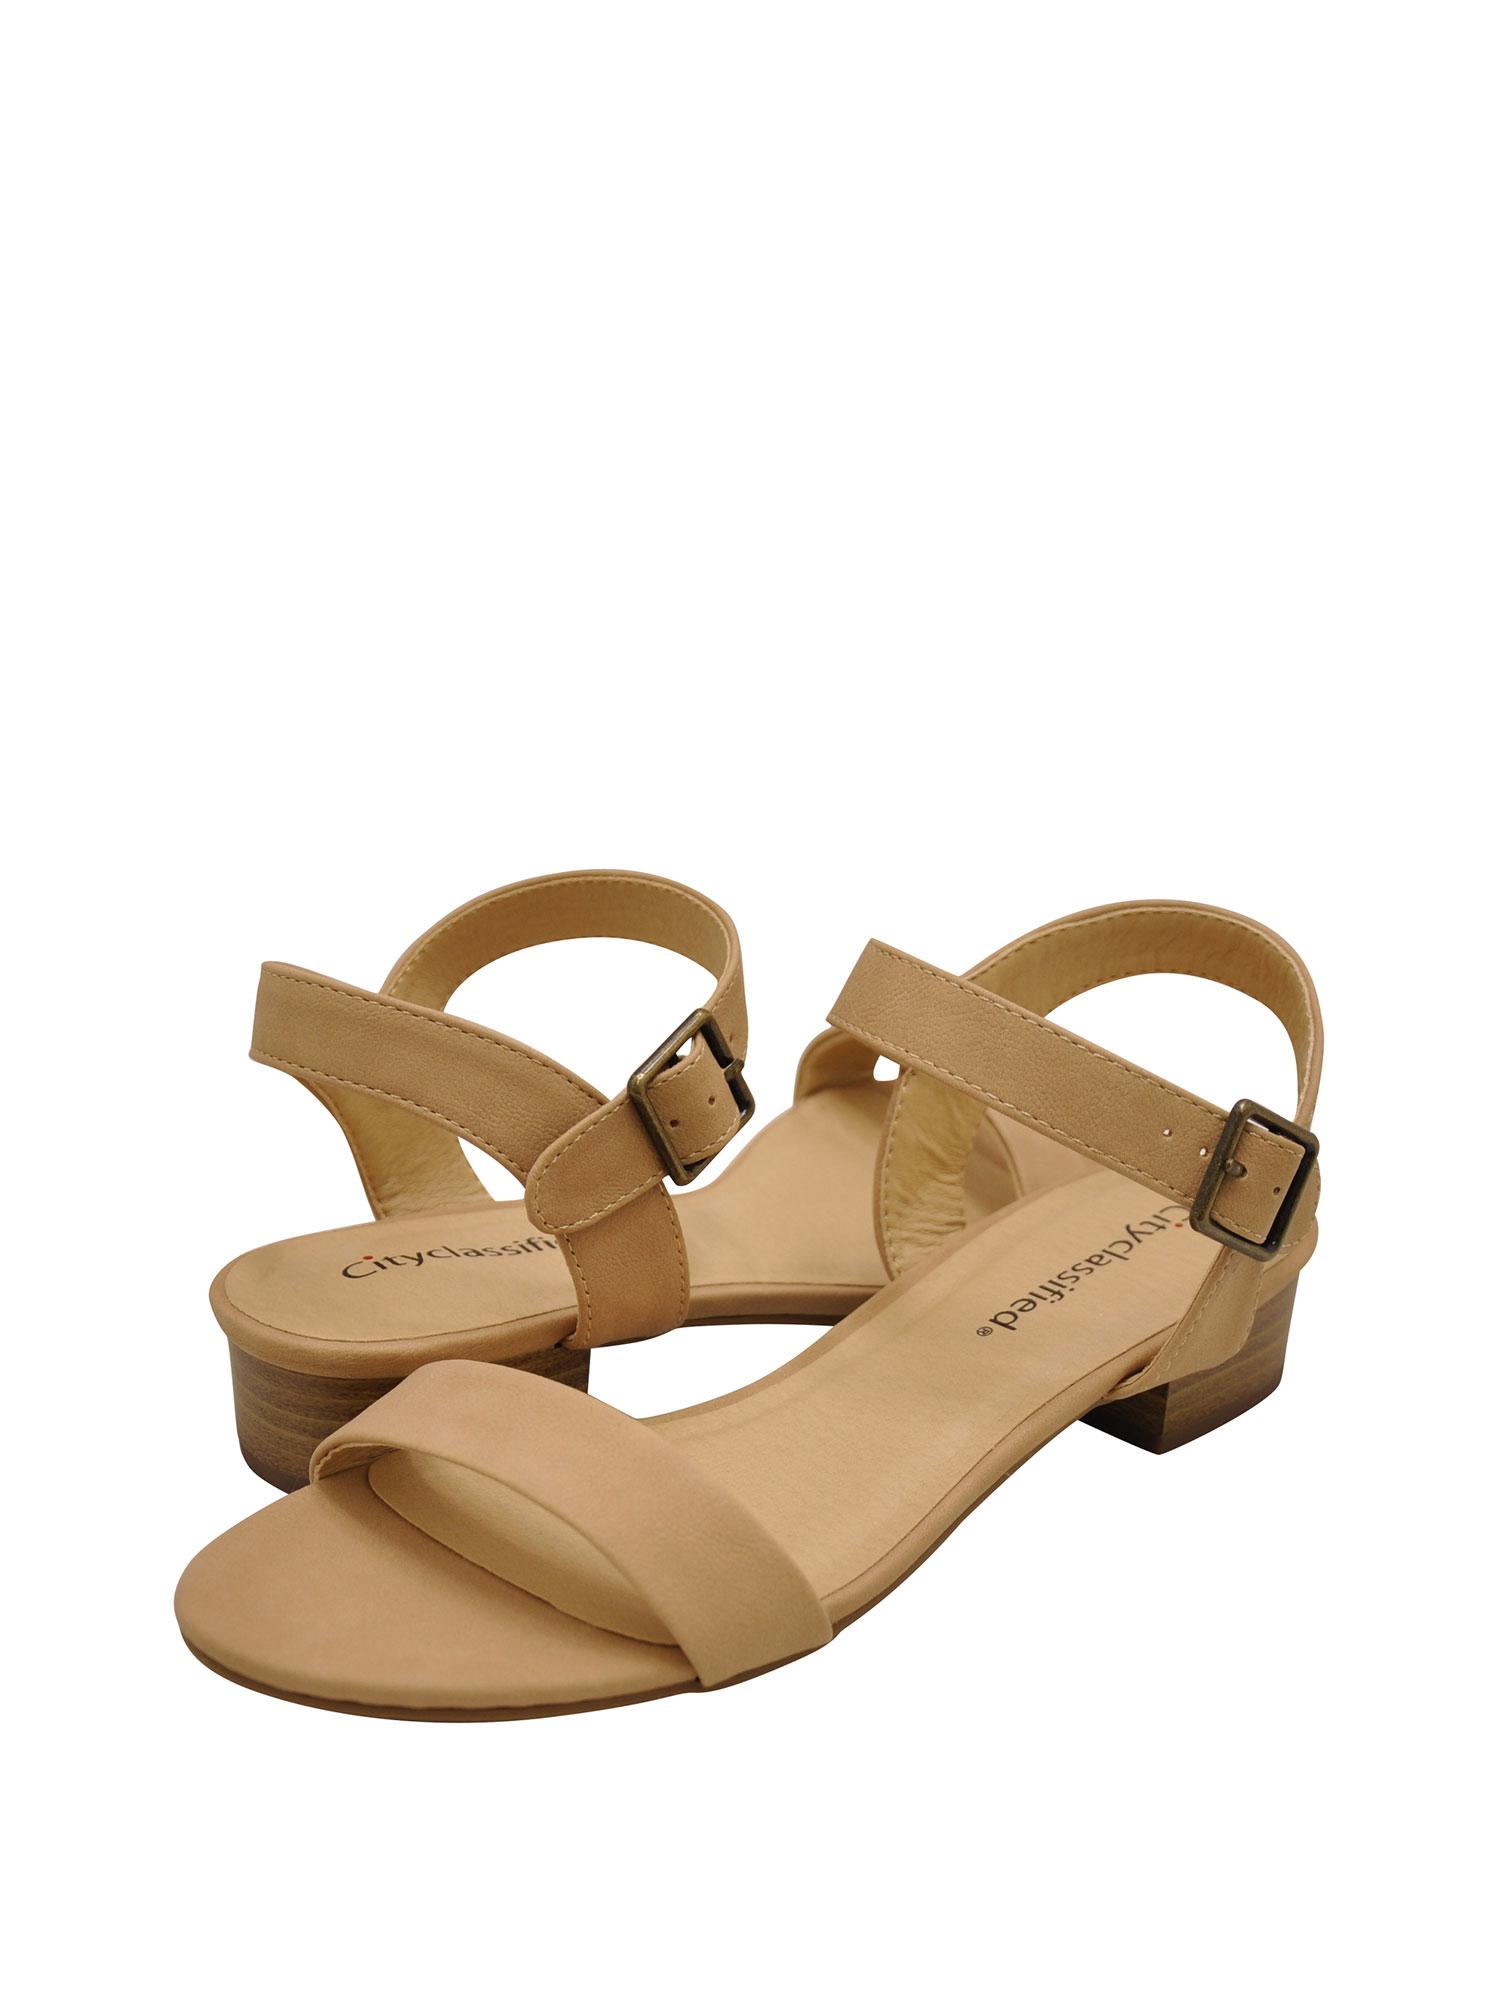 Open Toe Short Heel Sandals - Walmart